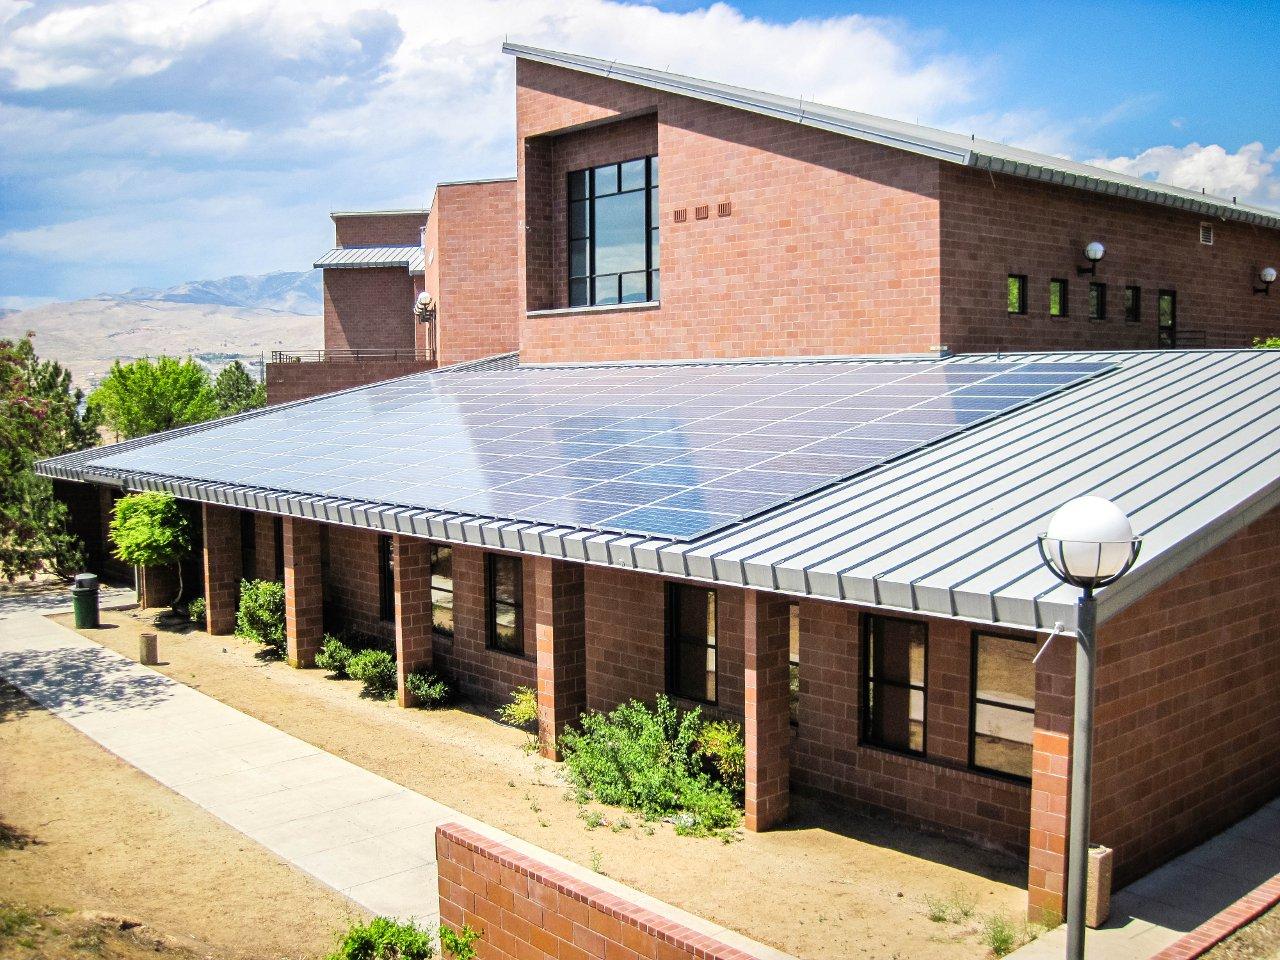 50 киловатт с крыши колледжа. Грех не пользоваться Солнцем, если солнечные два дня из каждых трёх.